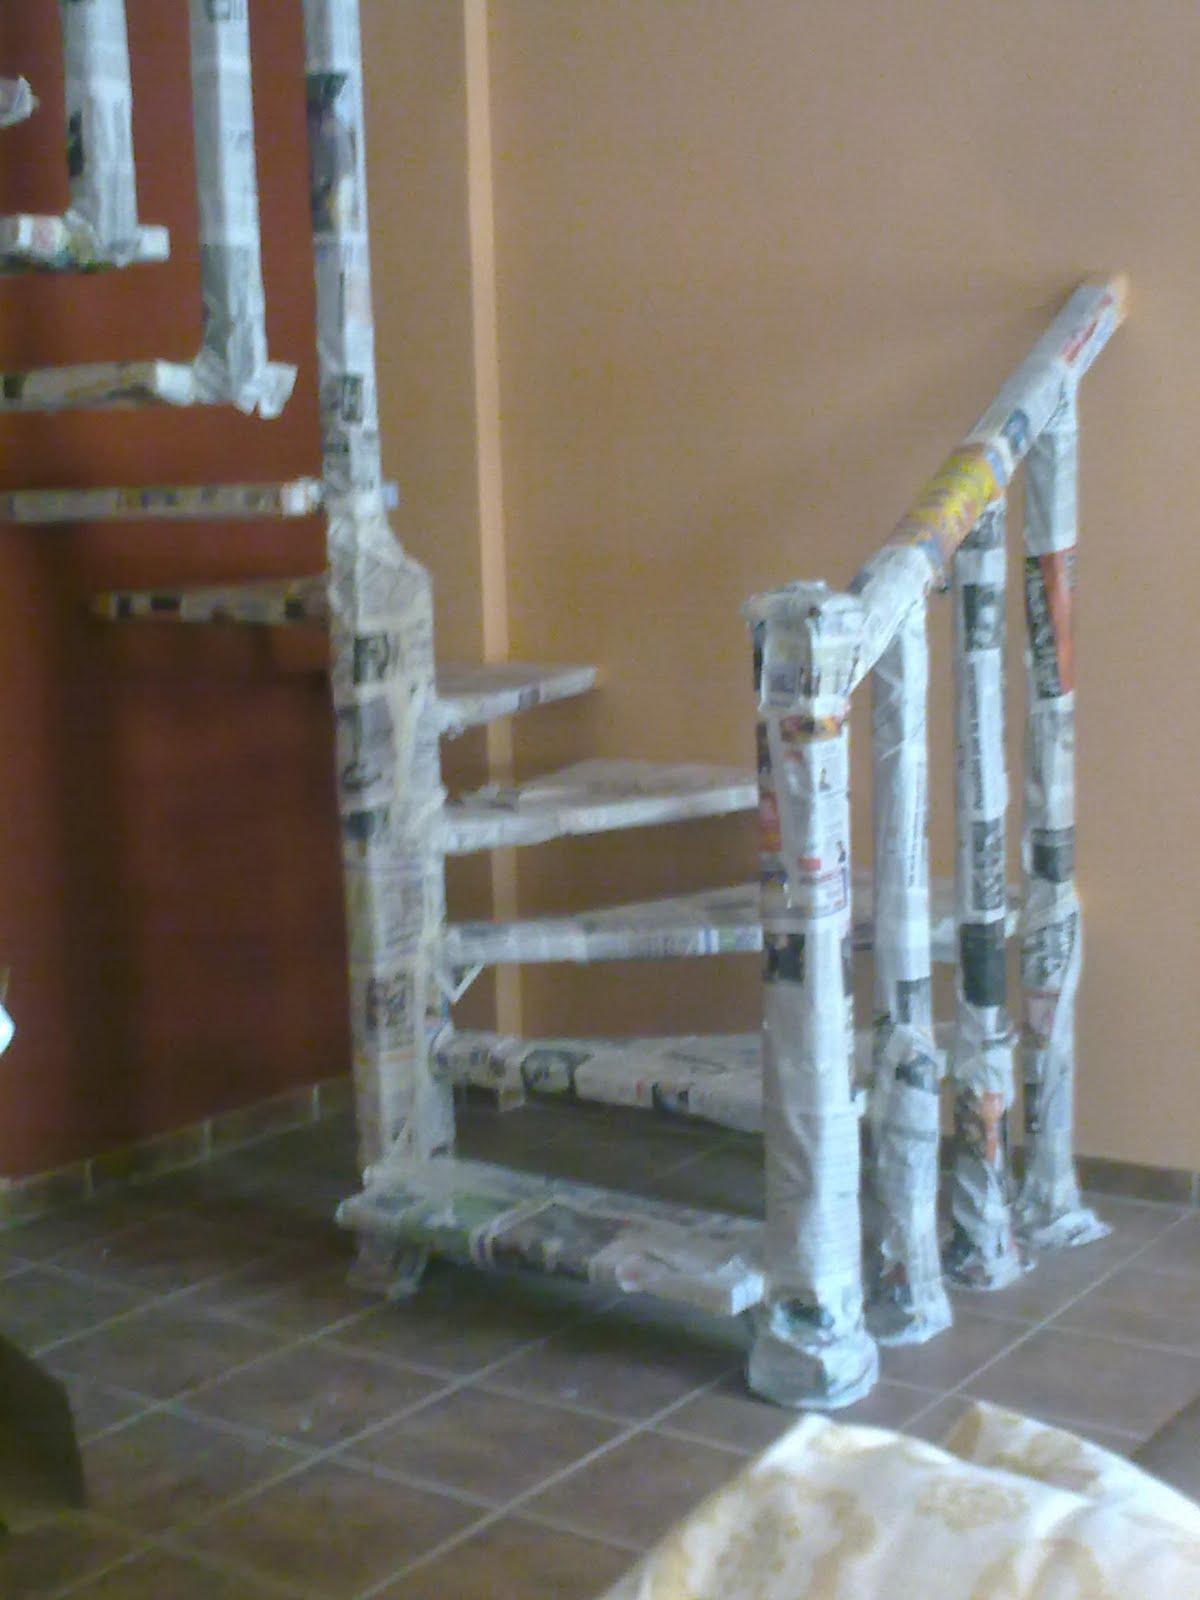 Carpinter a baena escalera de madera - Escaleras semi caracol ...